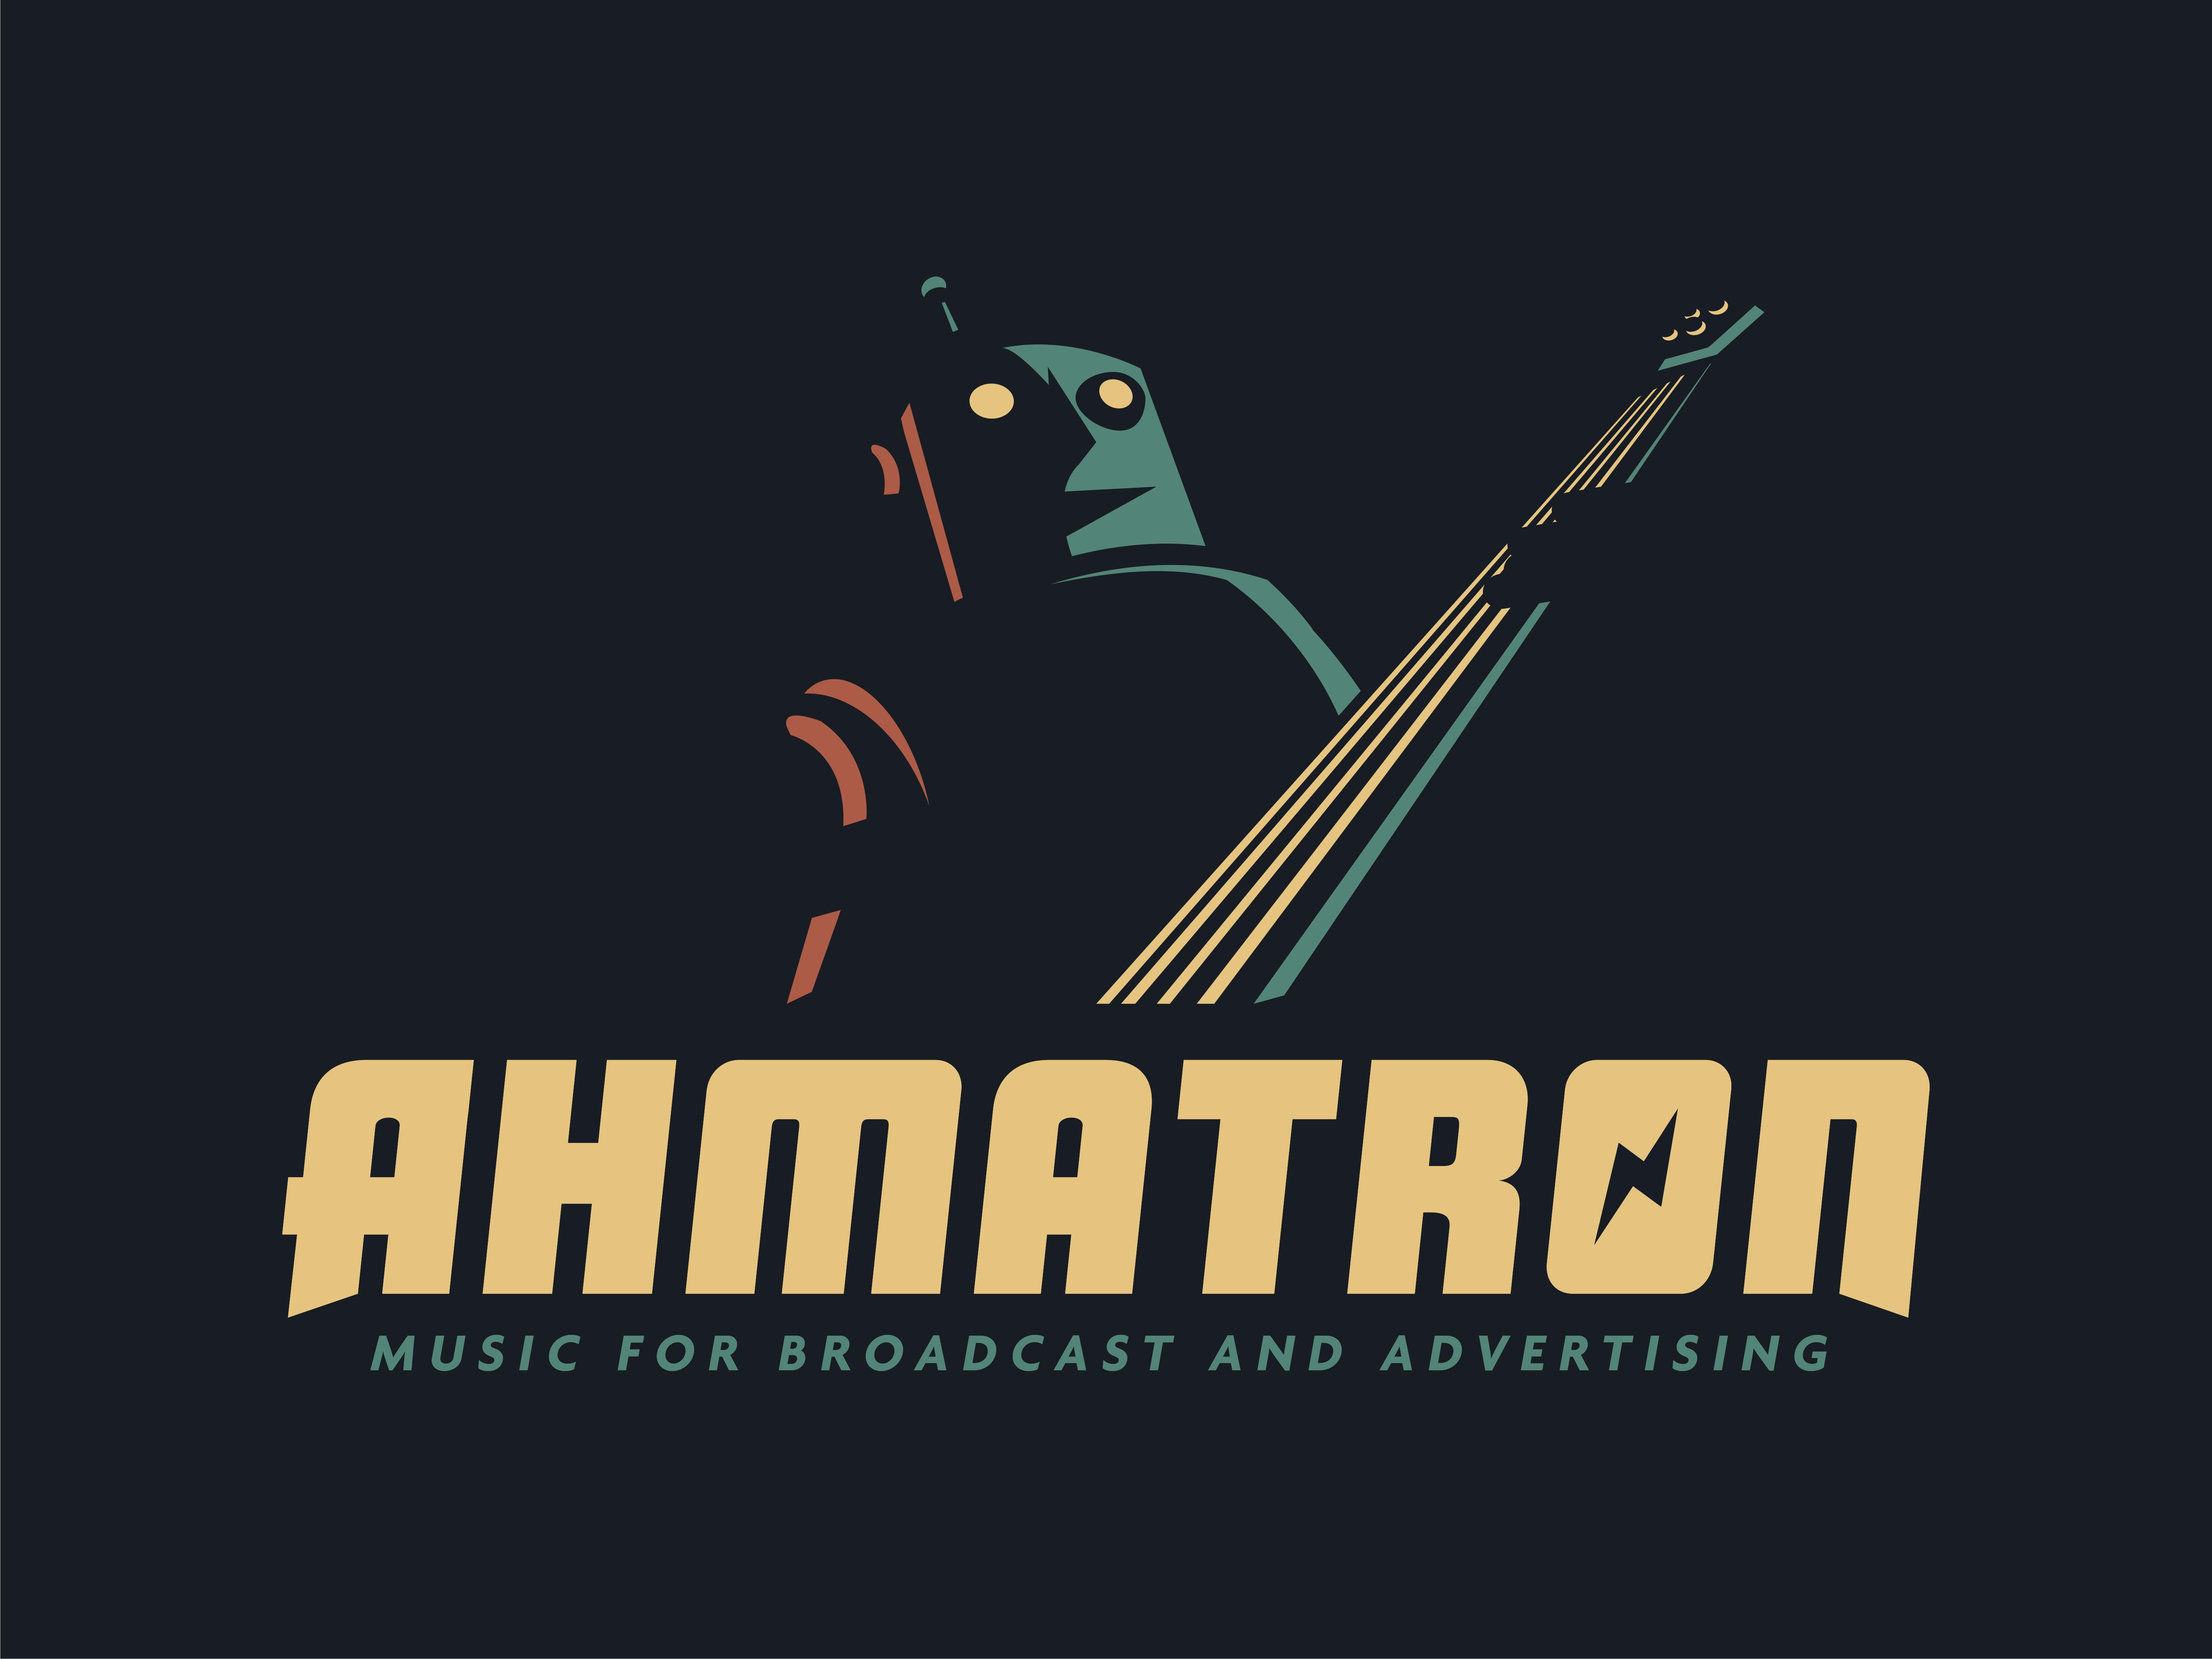 Ahmatron